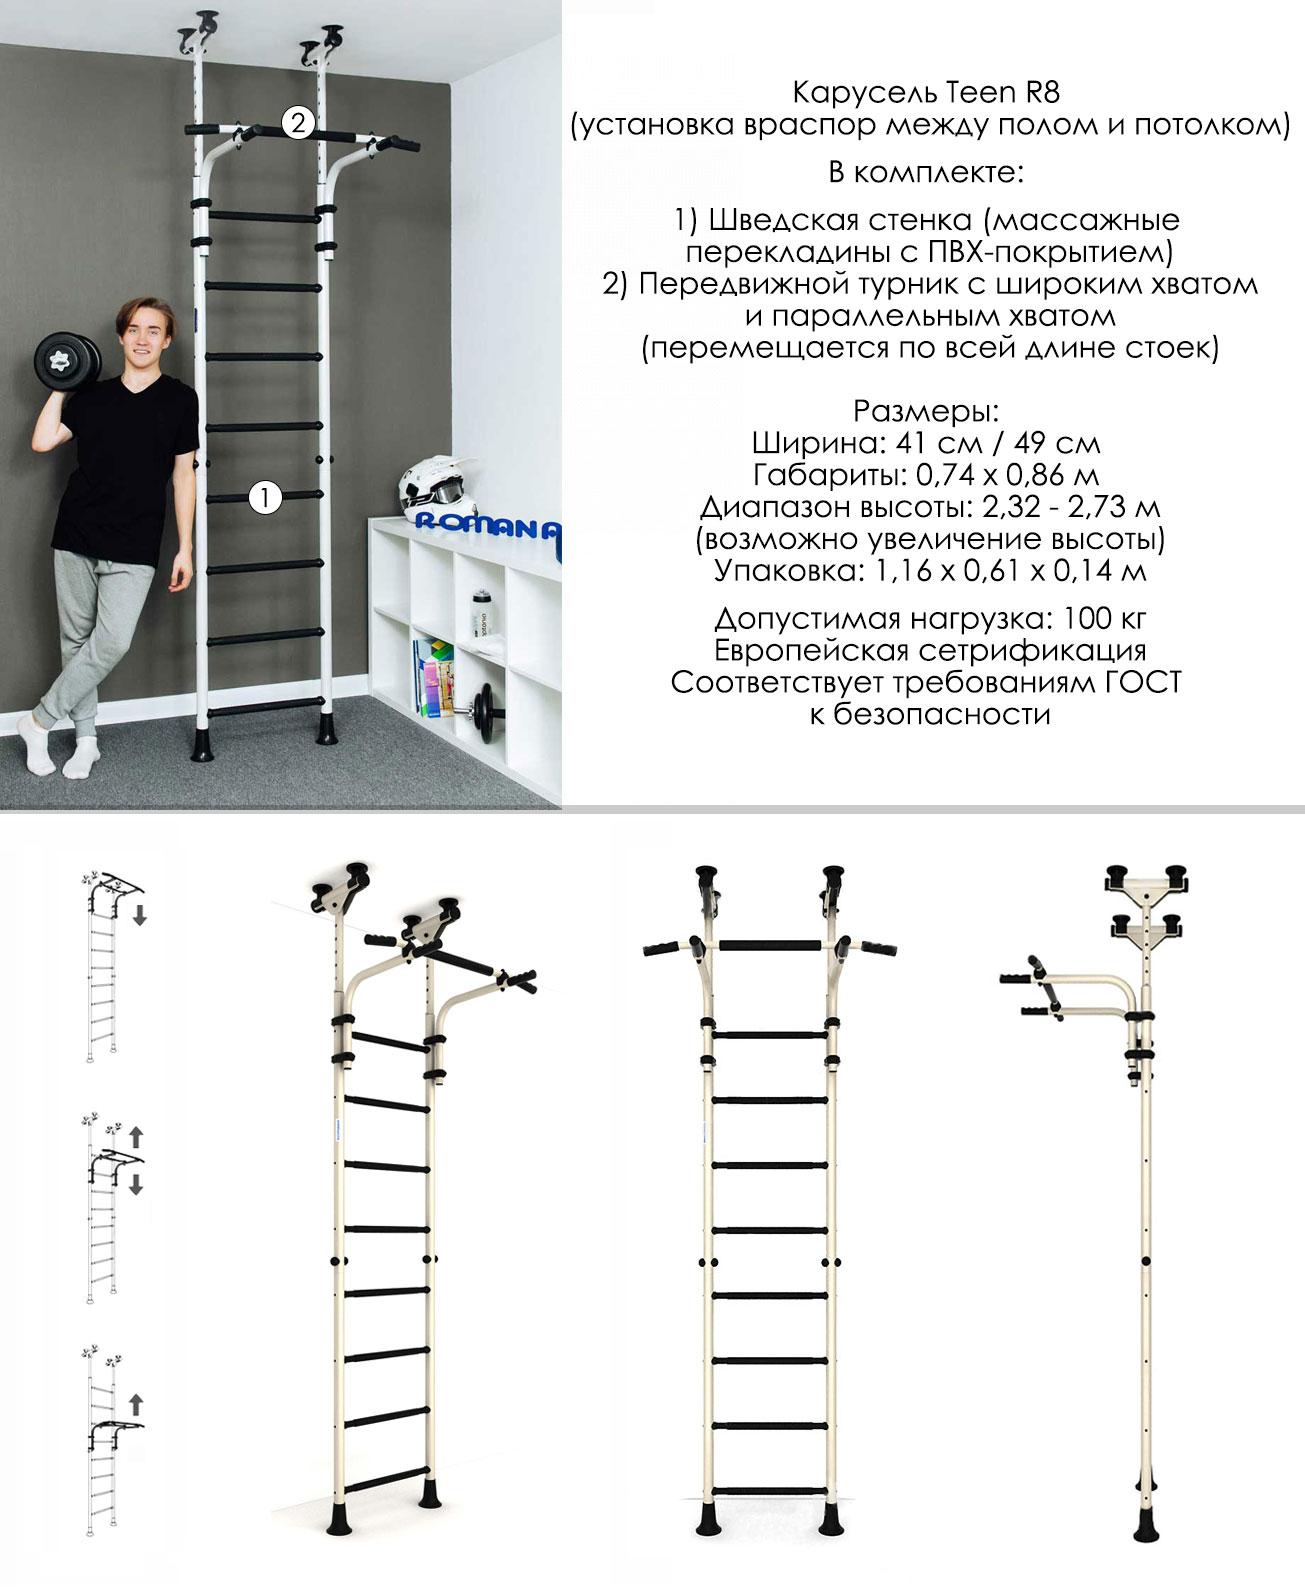 Распорная шведская стенка Тинейджер, устанавливающаяся в проем между полом и потолком без использования дрели. Передвижной турник в комплекте. Купить с доставкой с завода изготовителя